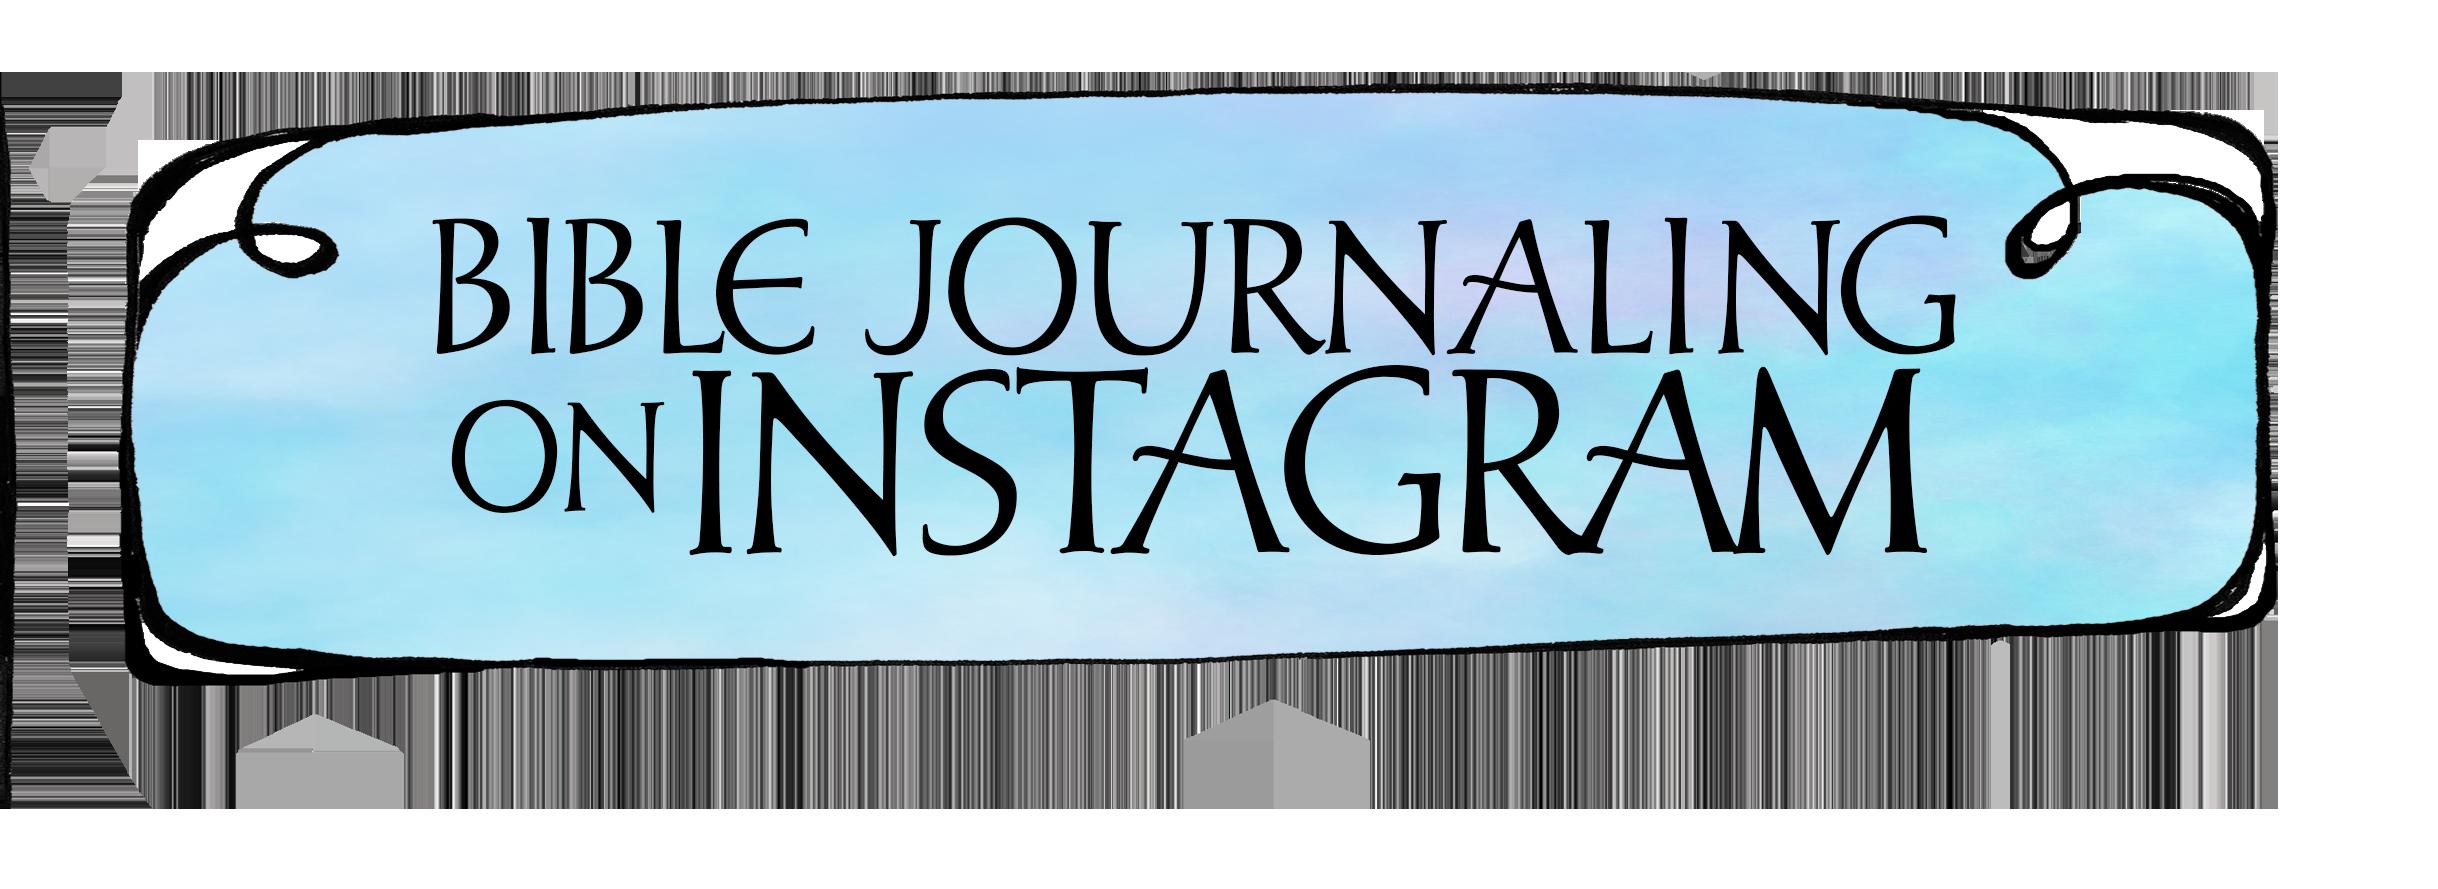 Bible Journaling Instagram